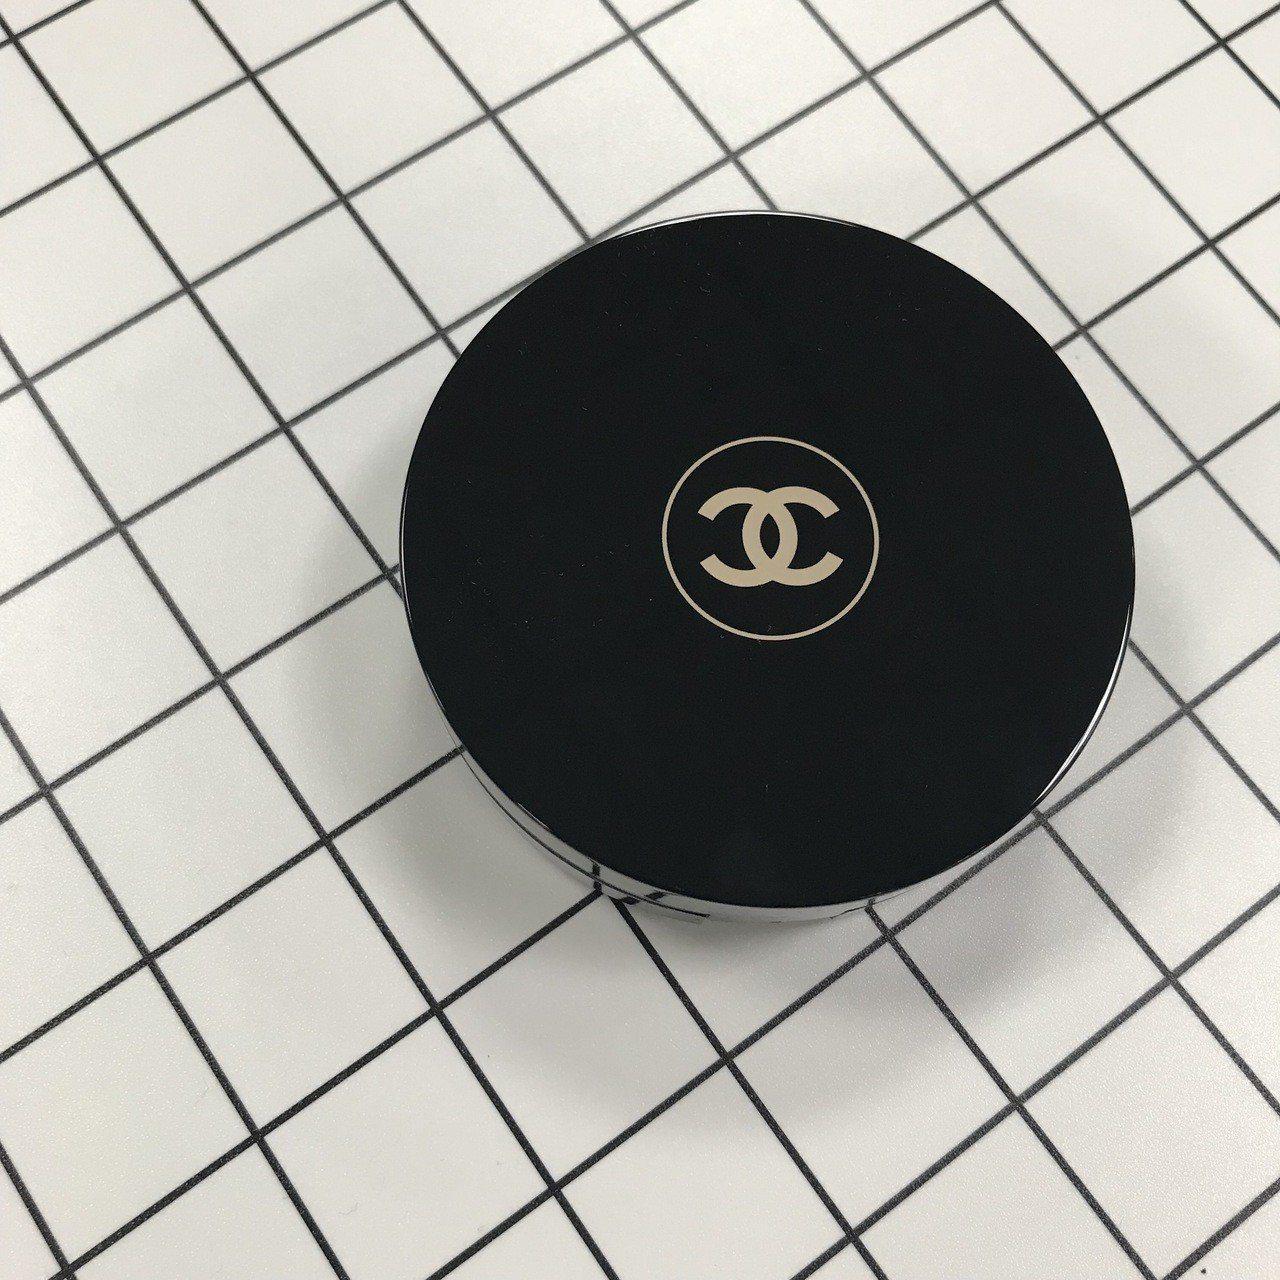 香奈兒活力光采保濕氣墊粉餅SPF15,黑色圓形外盒有著經典的雙C Logo。記者...